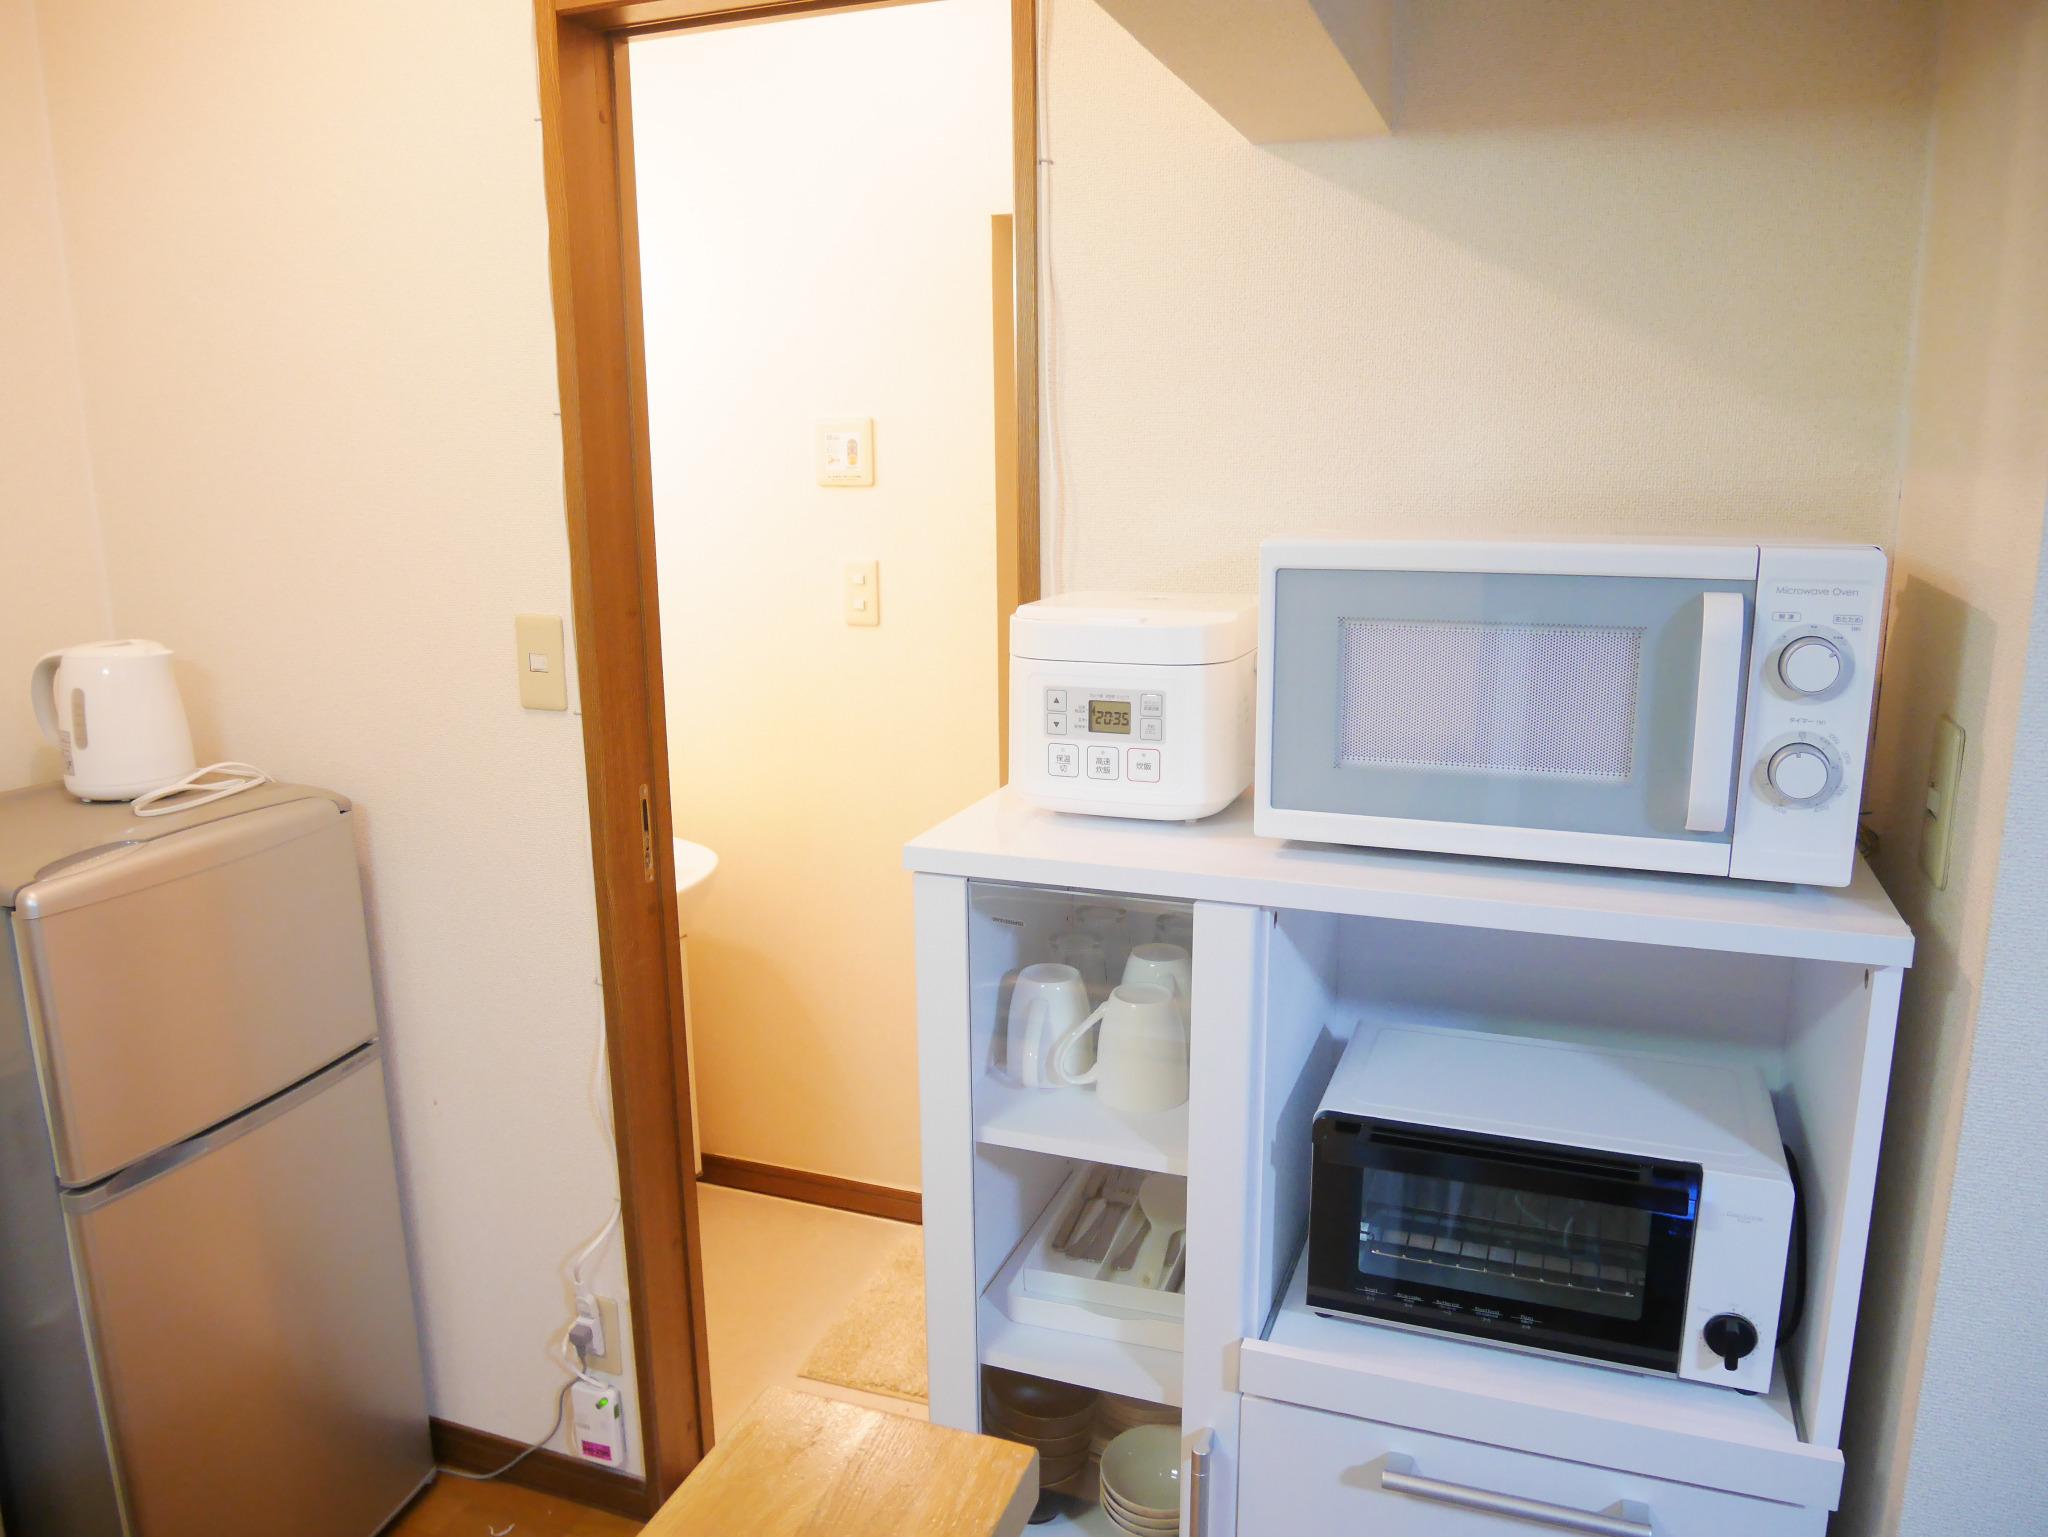 E101 札幌駅から1駅、JR苗穂駅徒歩4分の静かな場所にあるアパートです。